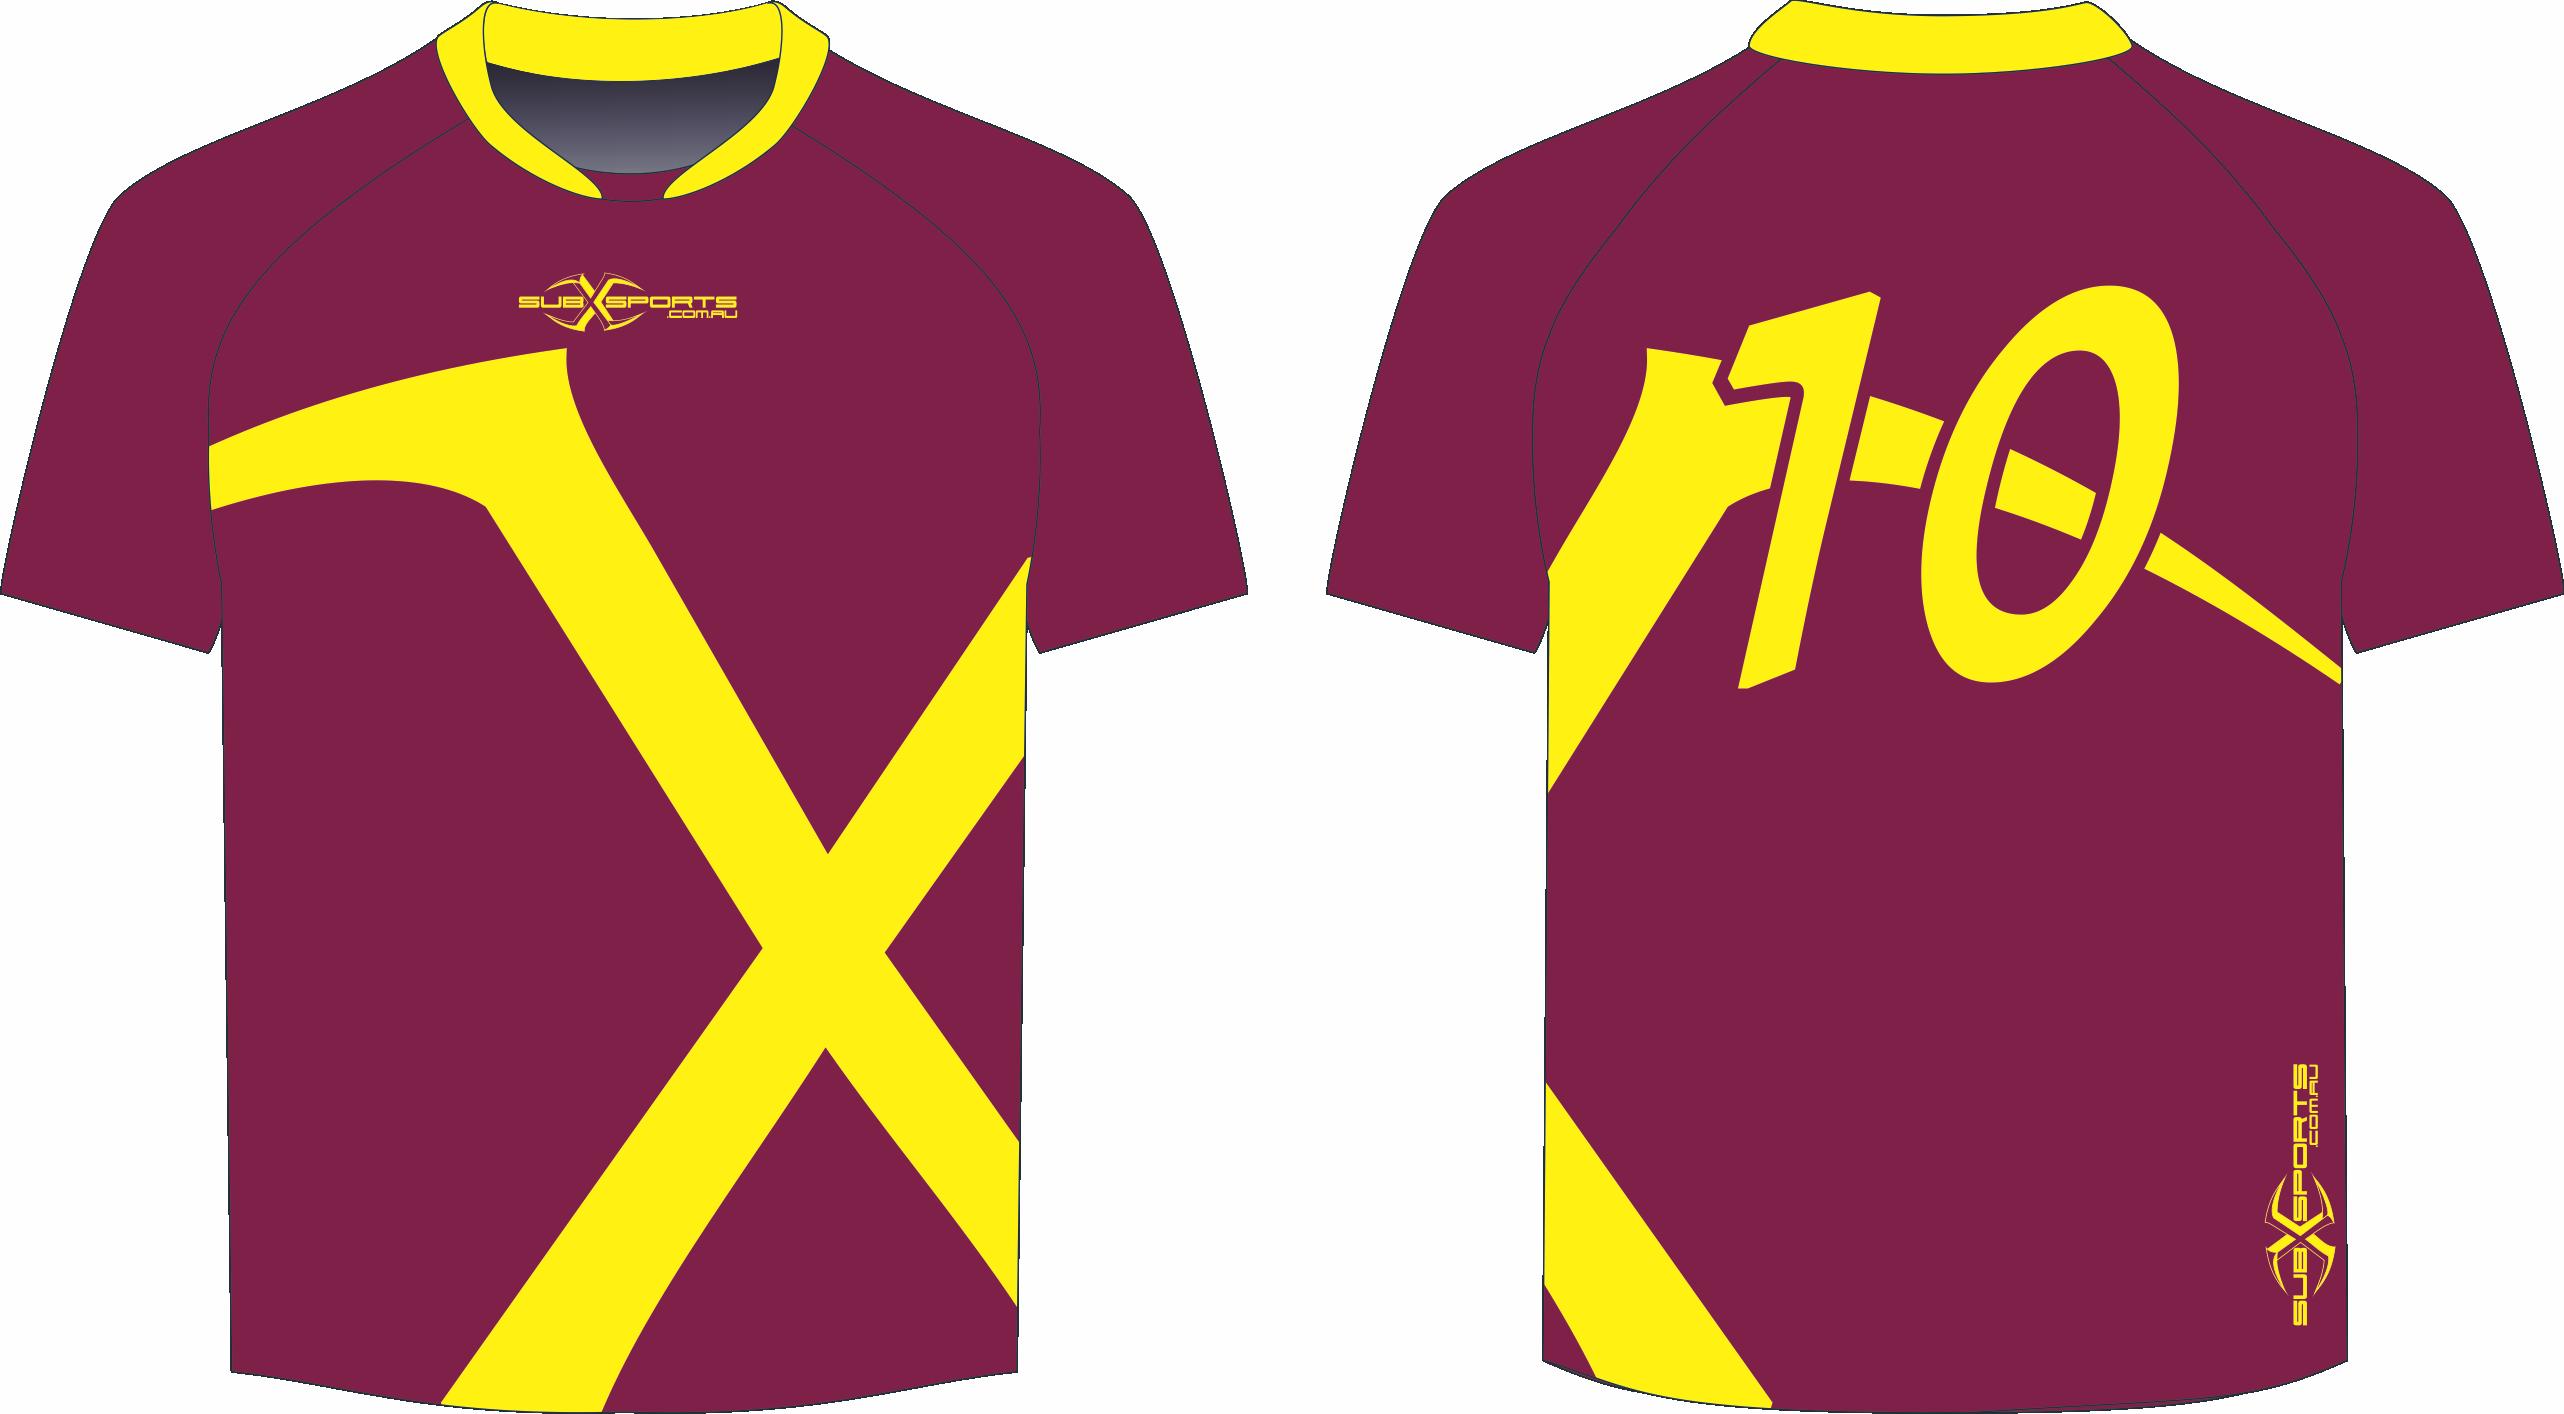 X301XJ Maroon Gold Jerseys.png